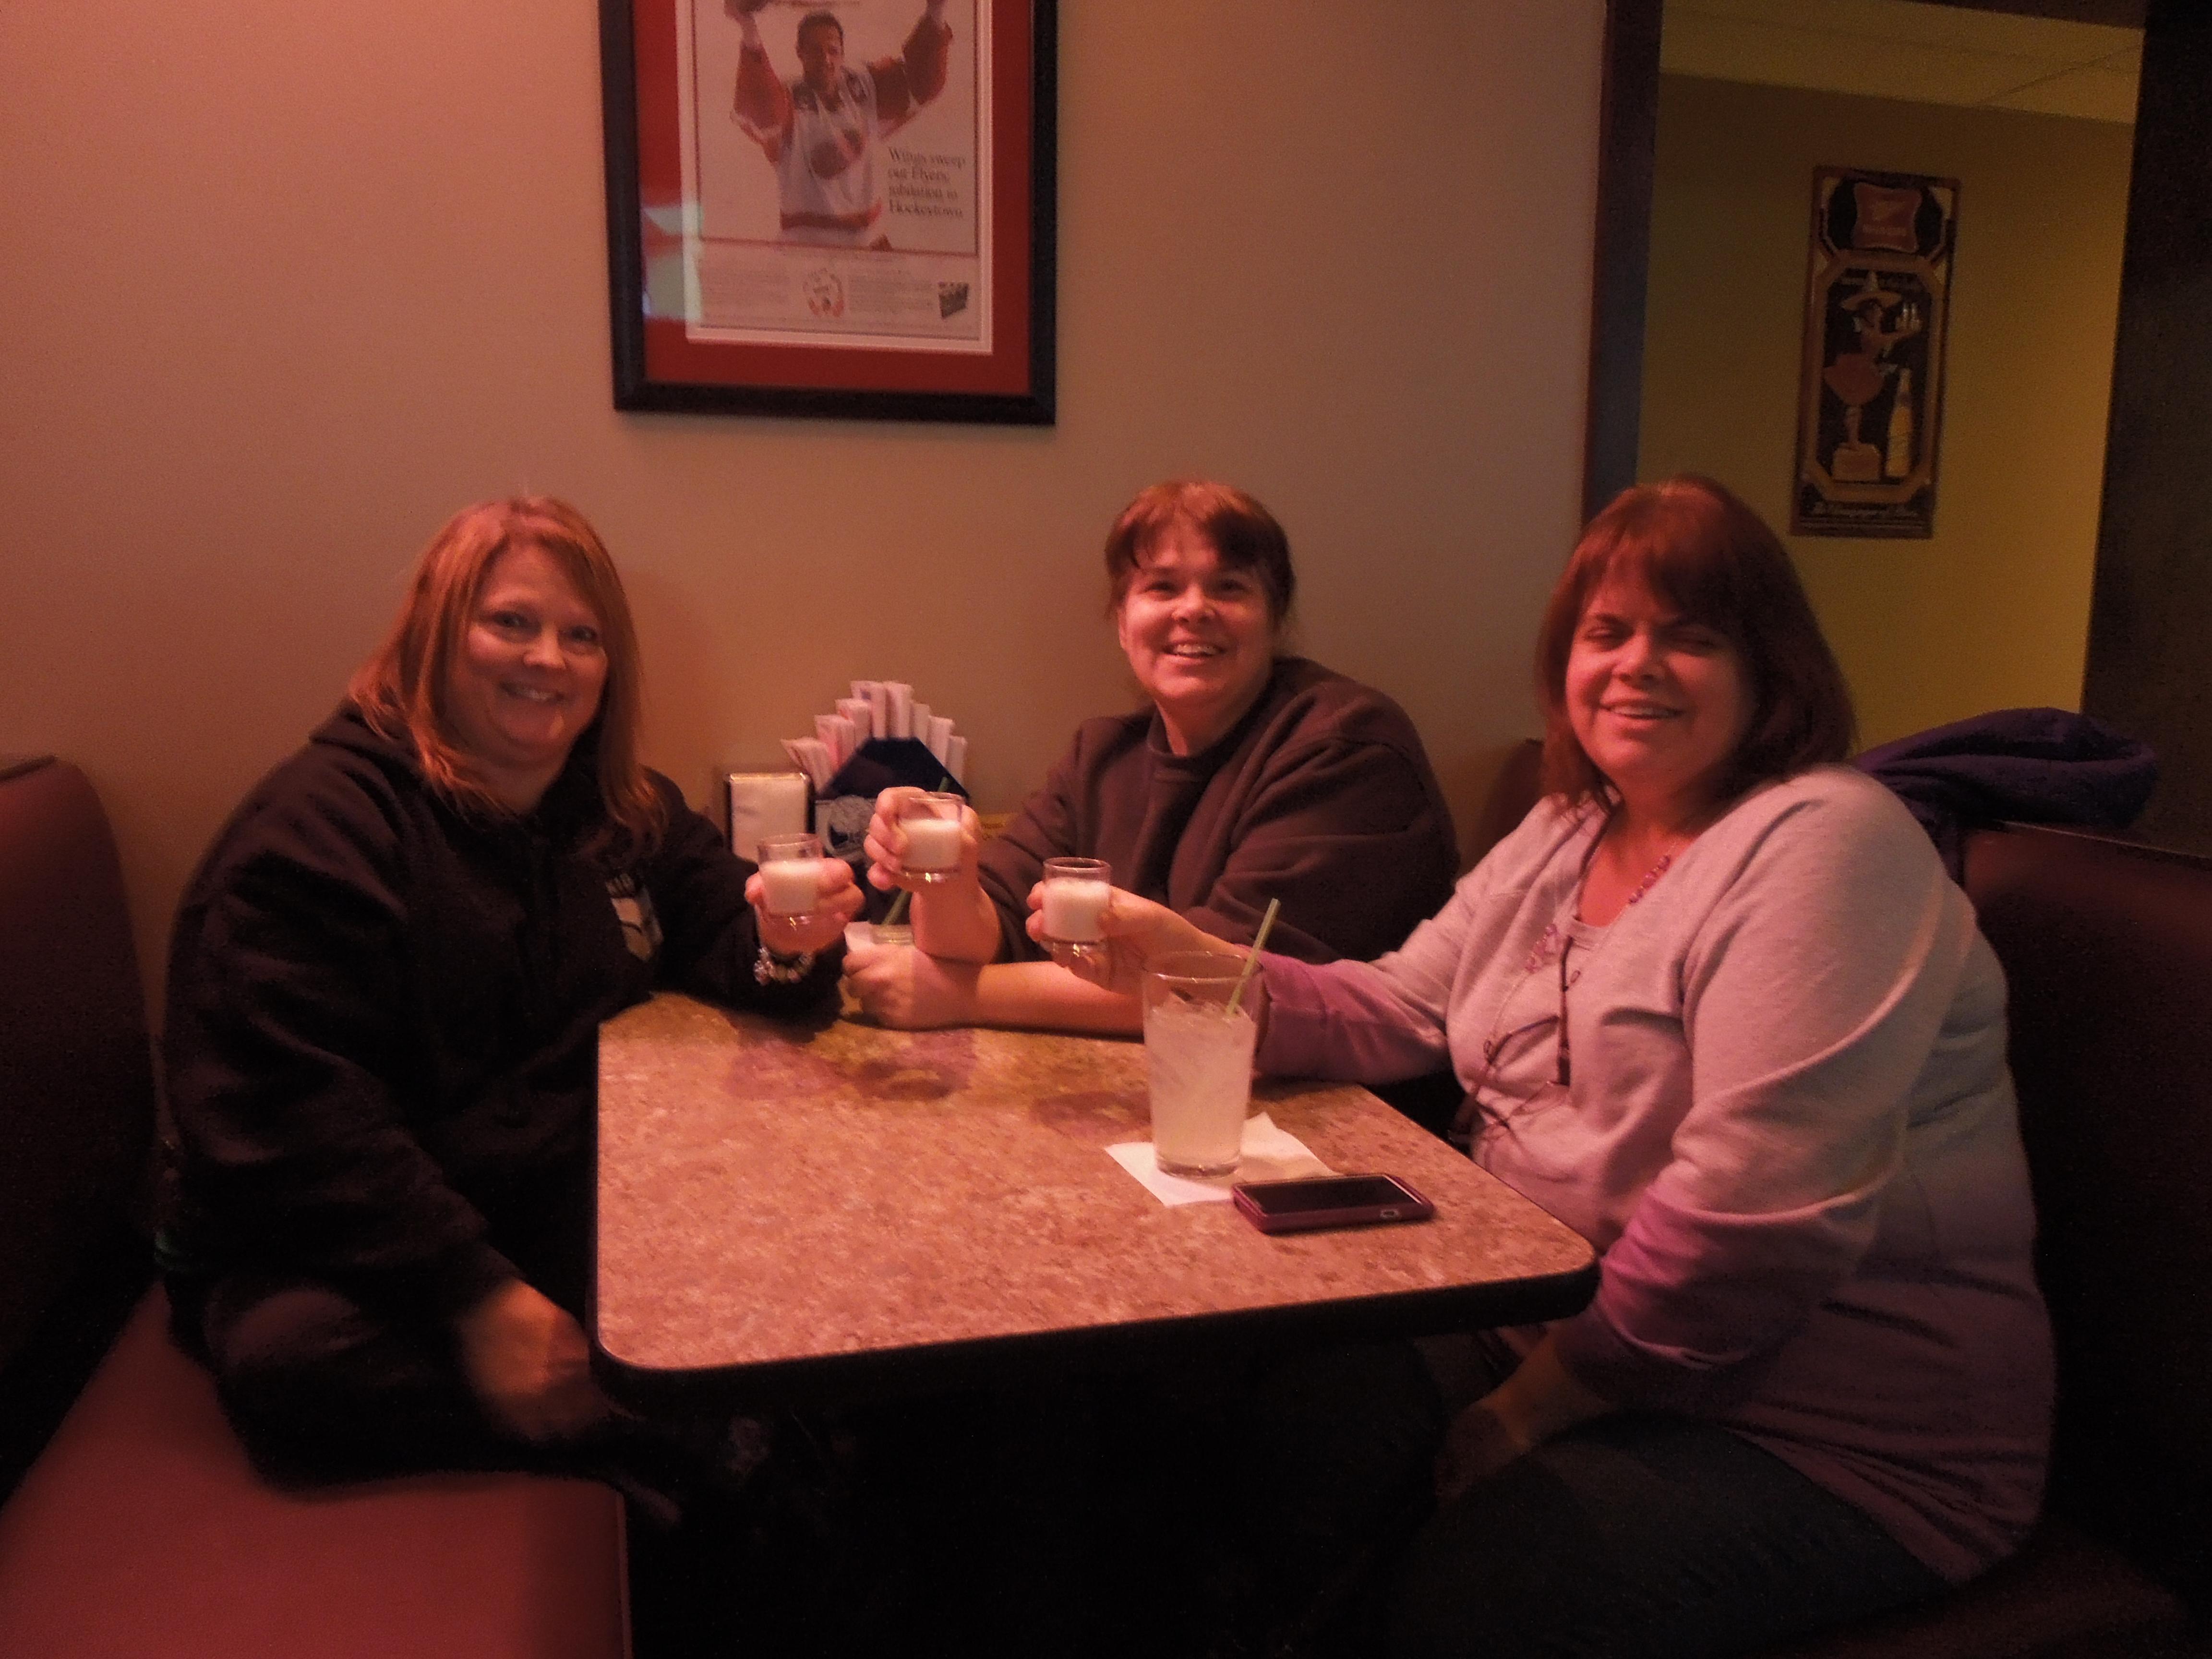 Tracey, Melina, & Tina